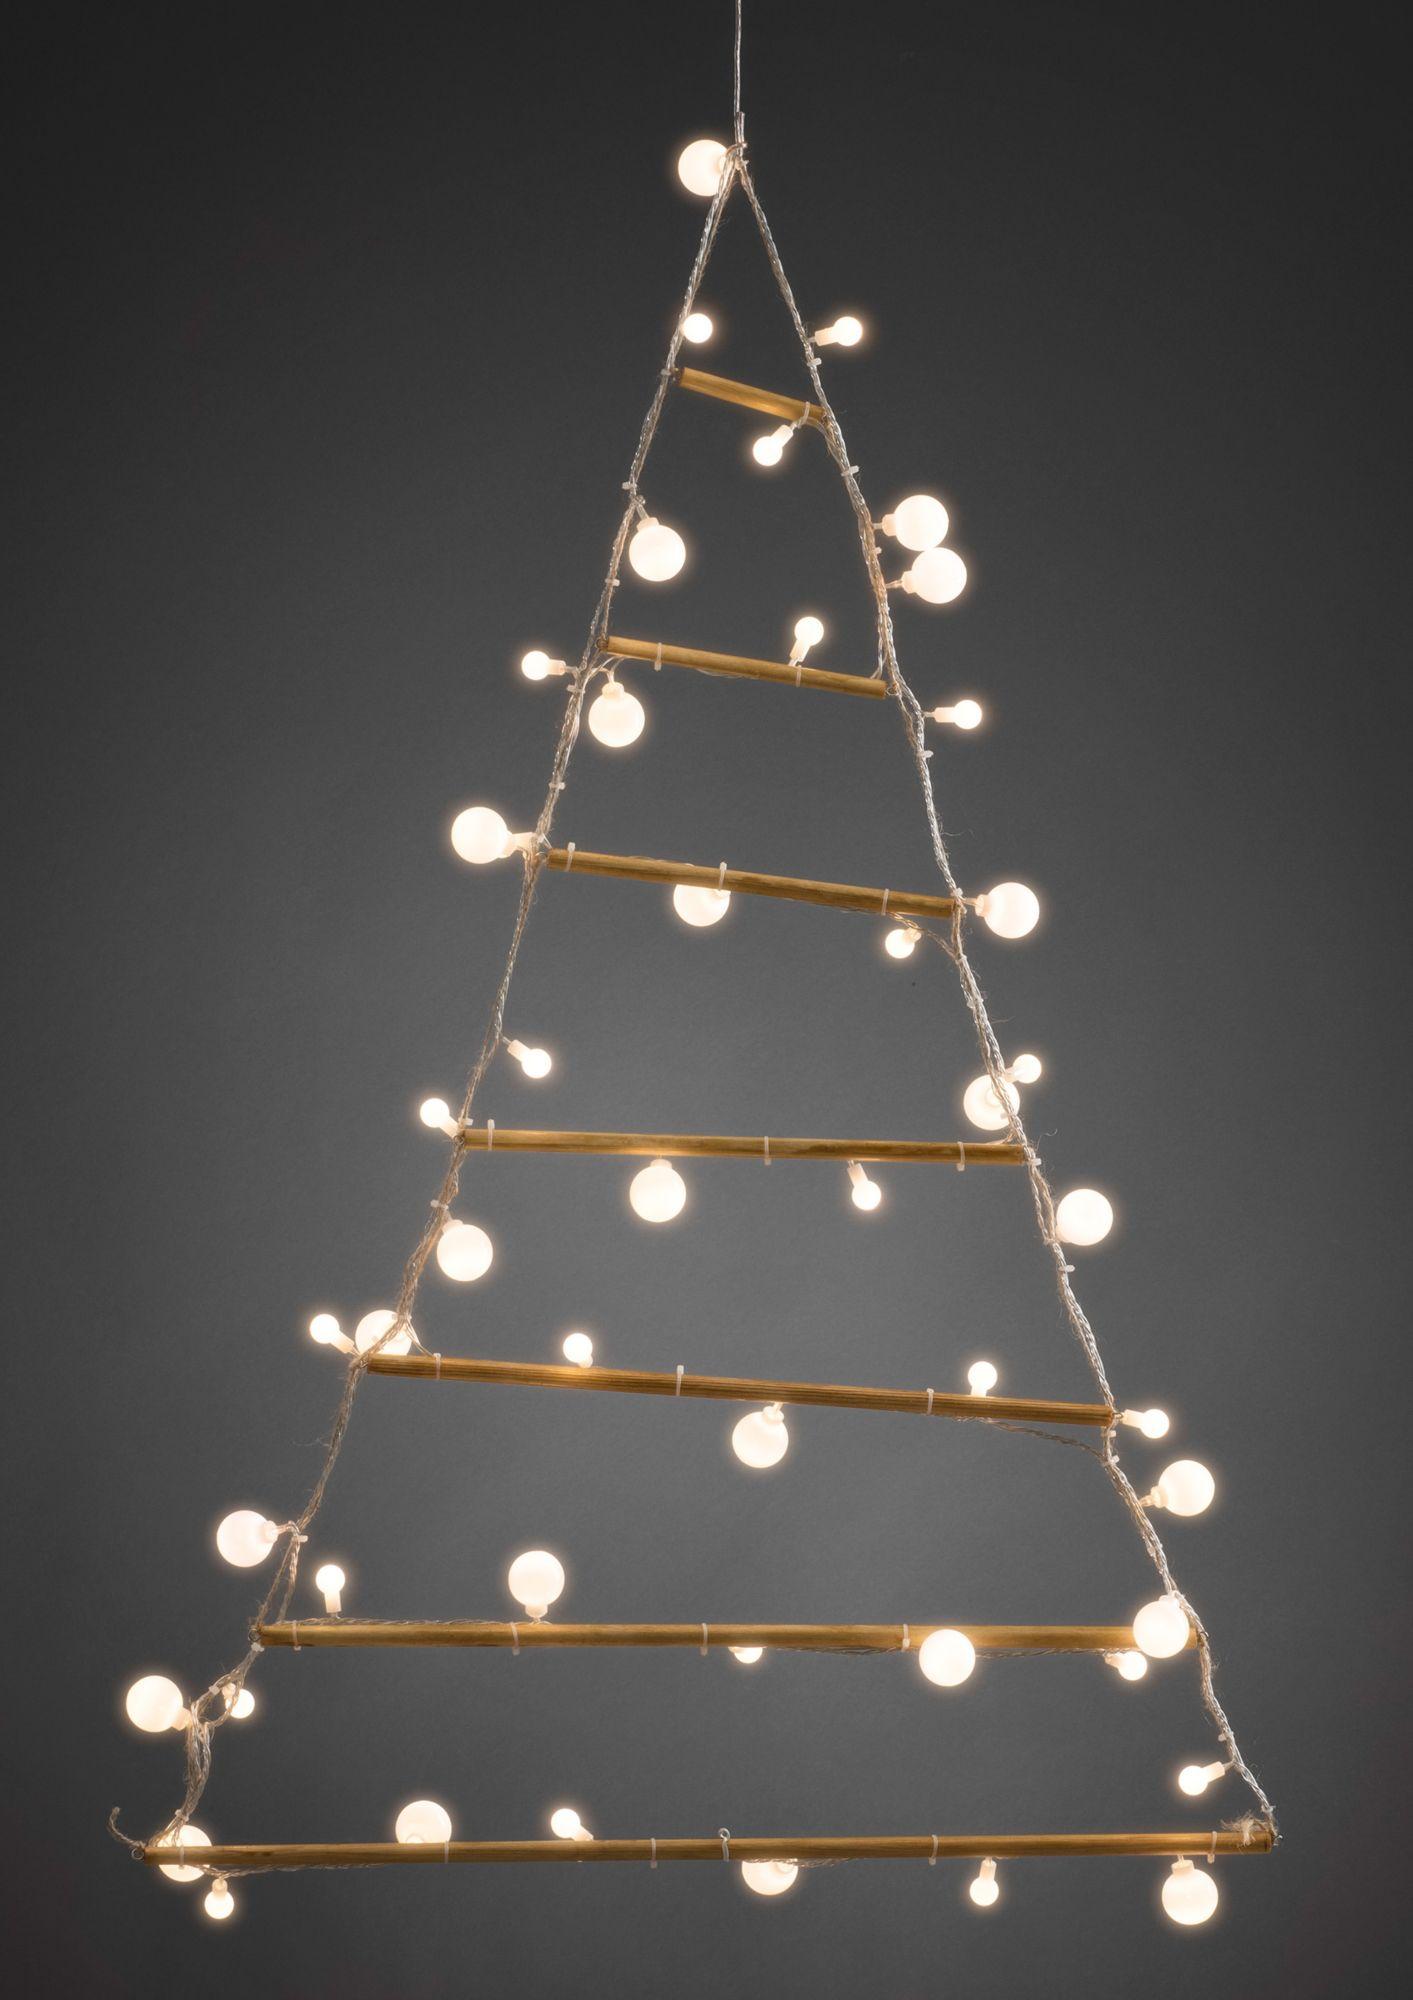 KONSTSMIDE Dekorationsleuchte LED-Holzpyramide